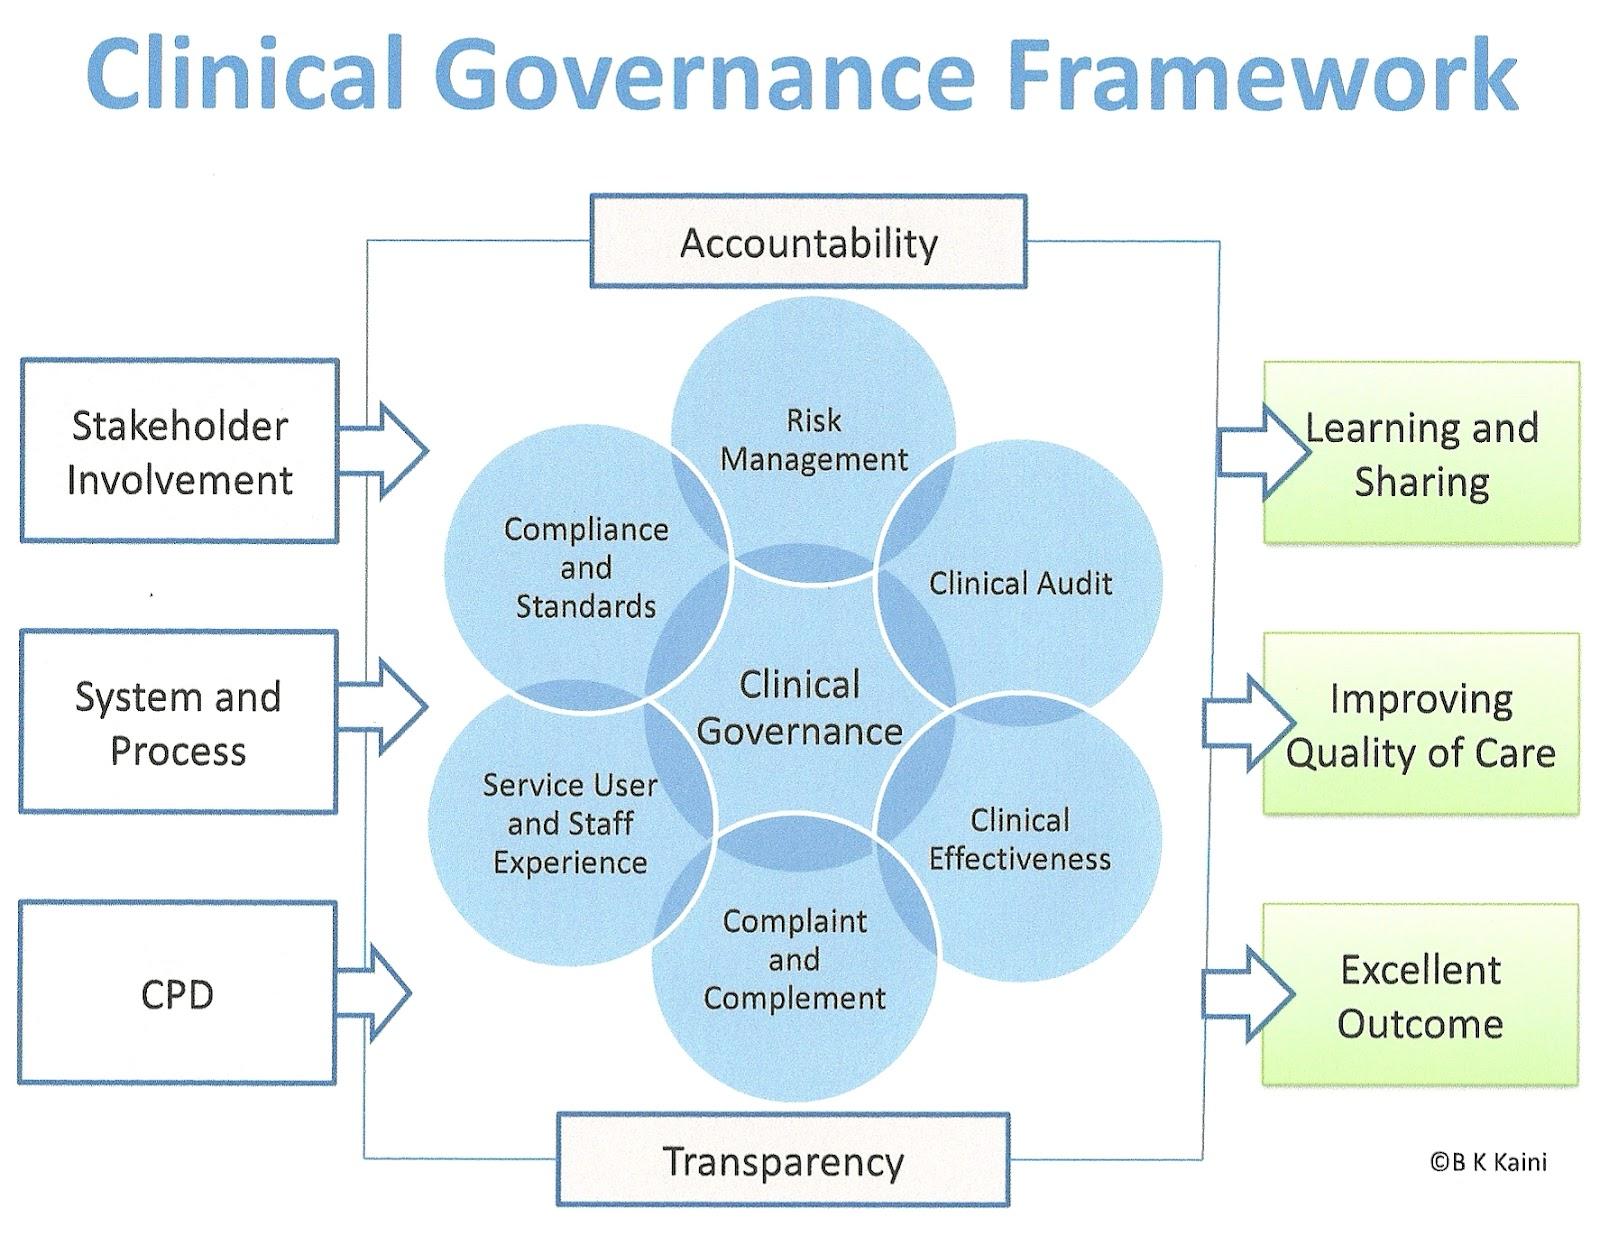 Bachchu Kailash Kaini: Clinical Governance Framework by B K Kaini